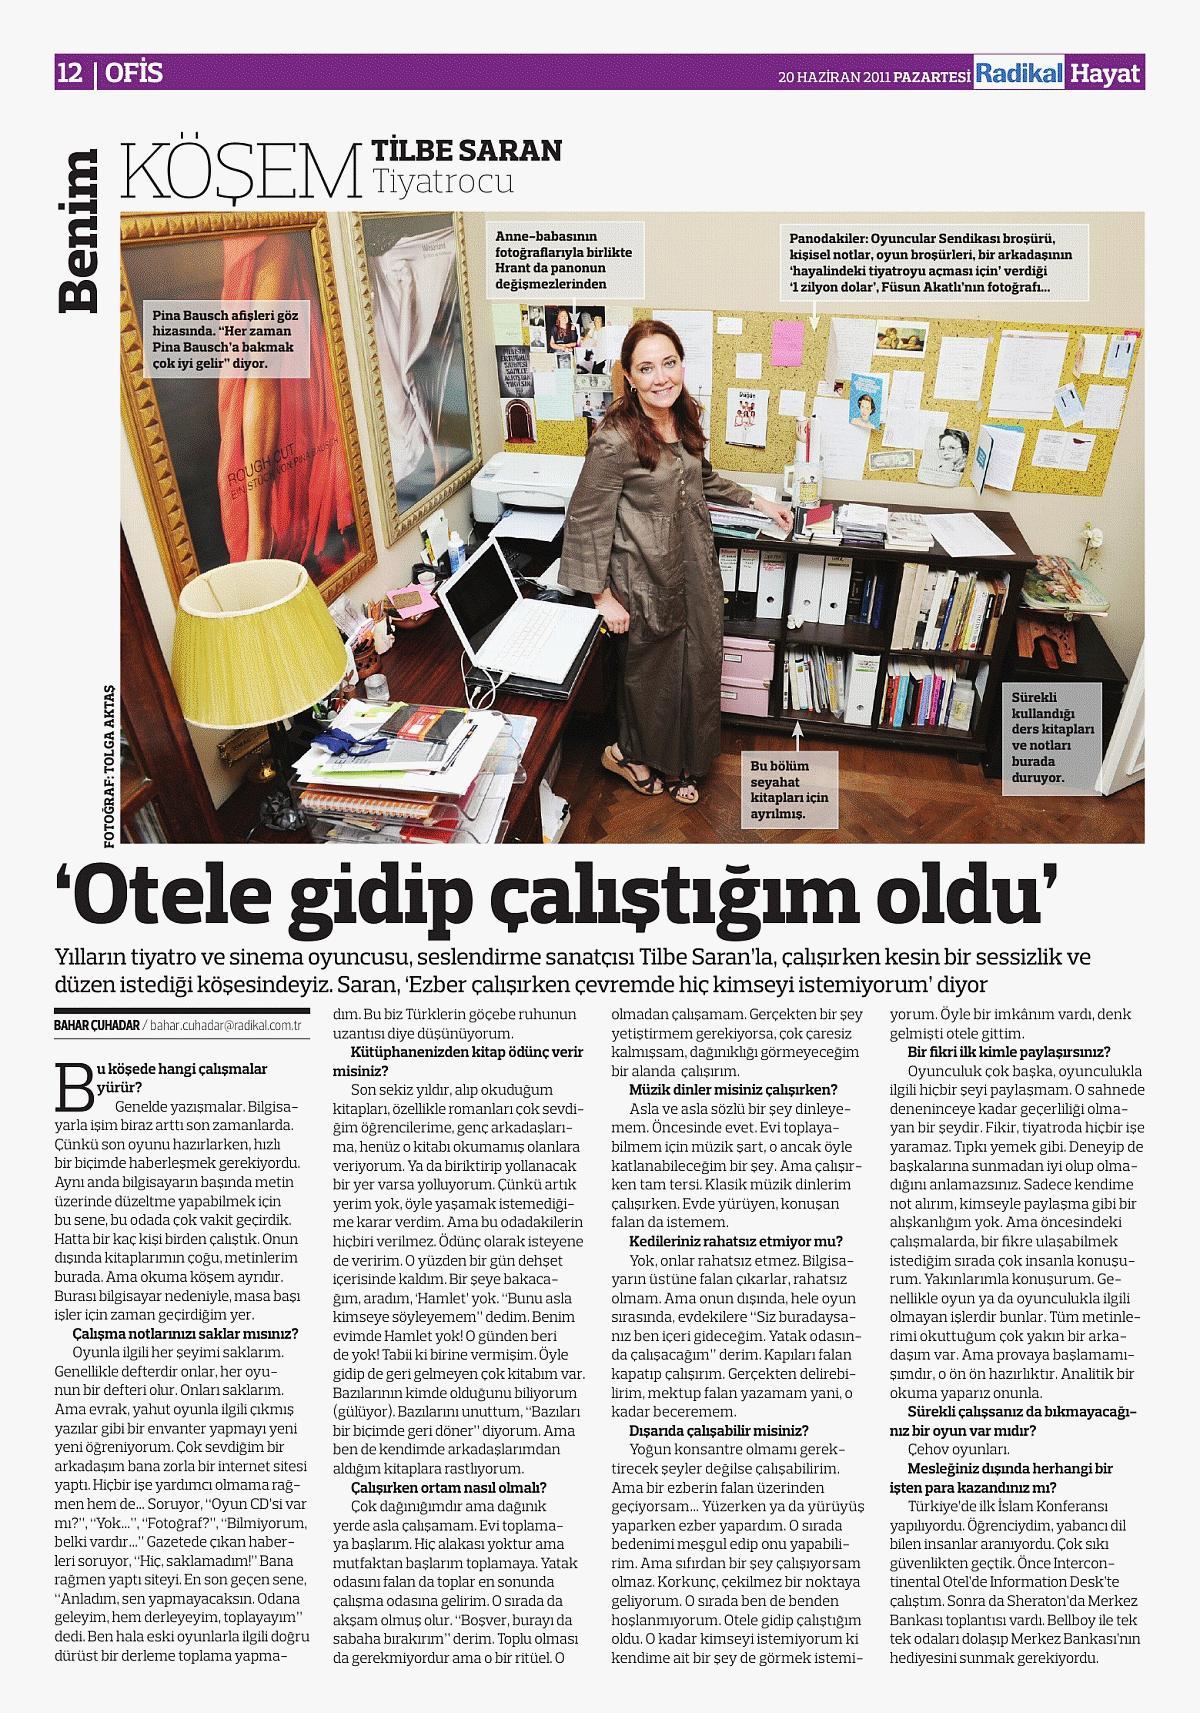 20-06-2011-radikal_hayat-tilbe_saran